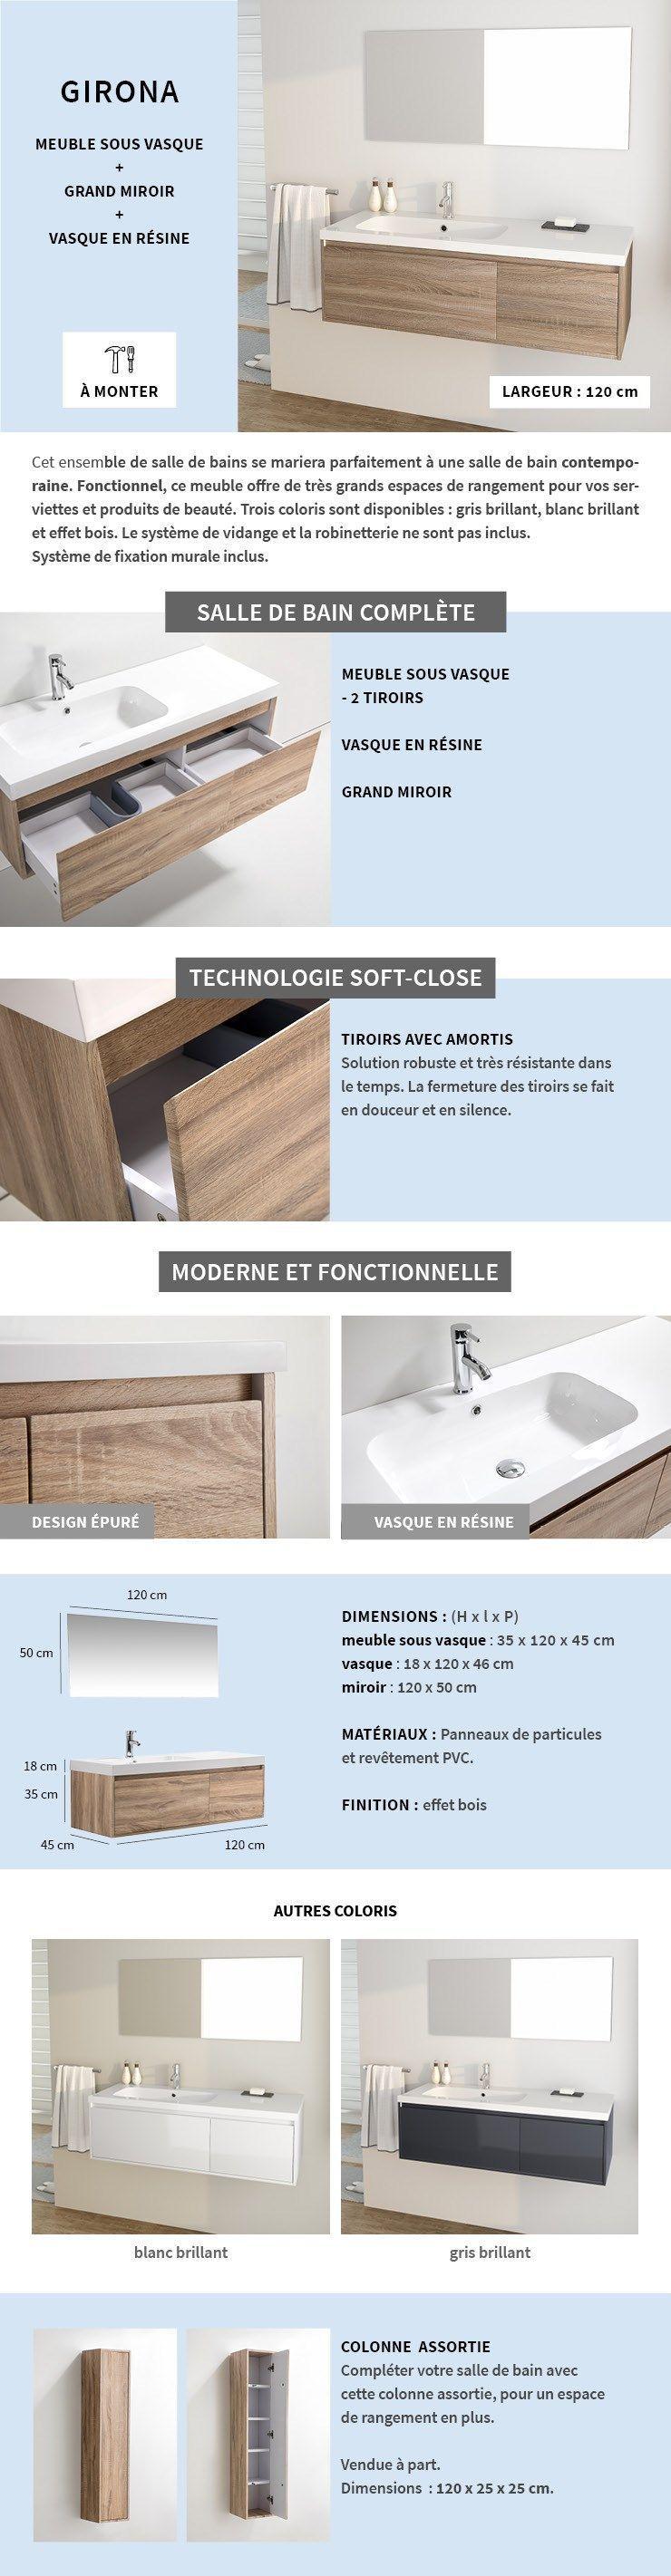 Meuble Salle De Bain Girona girona ensemble meubles de salle de bain simple vasque +